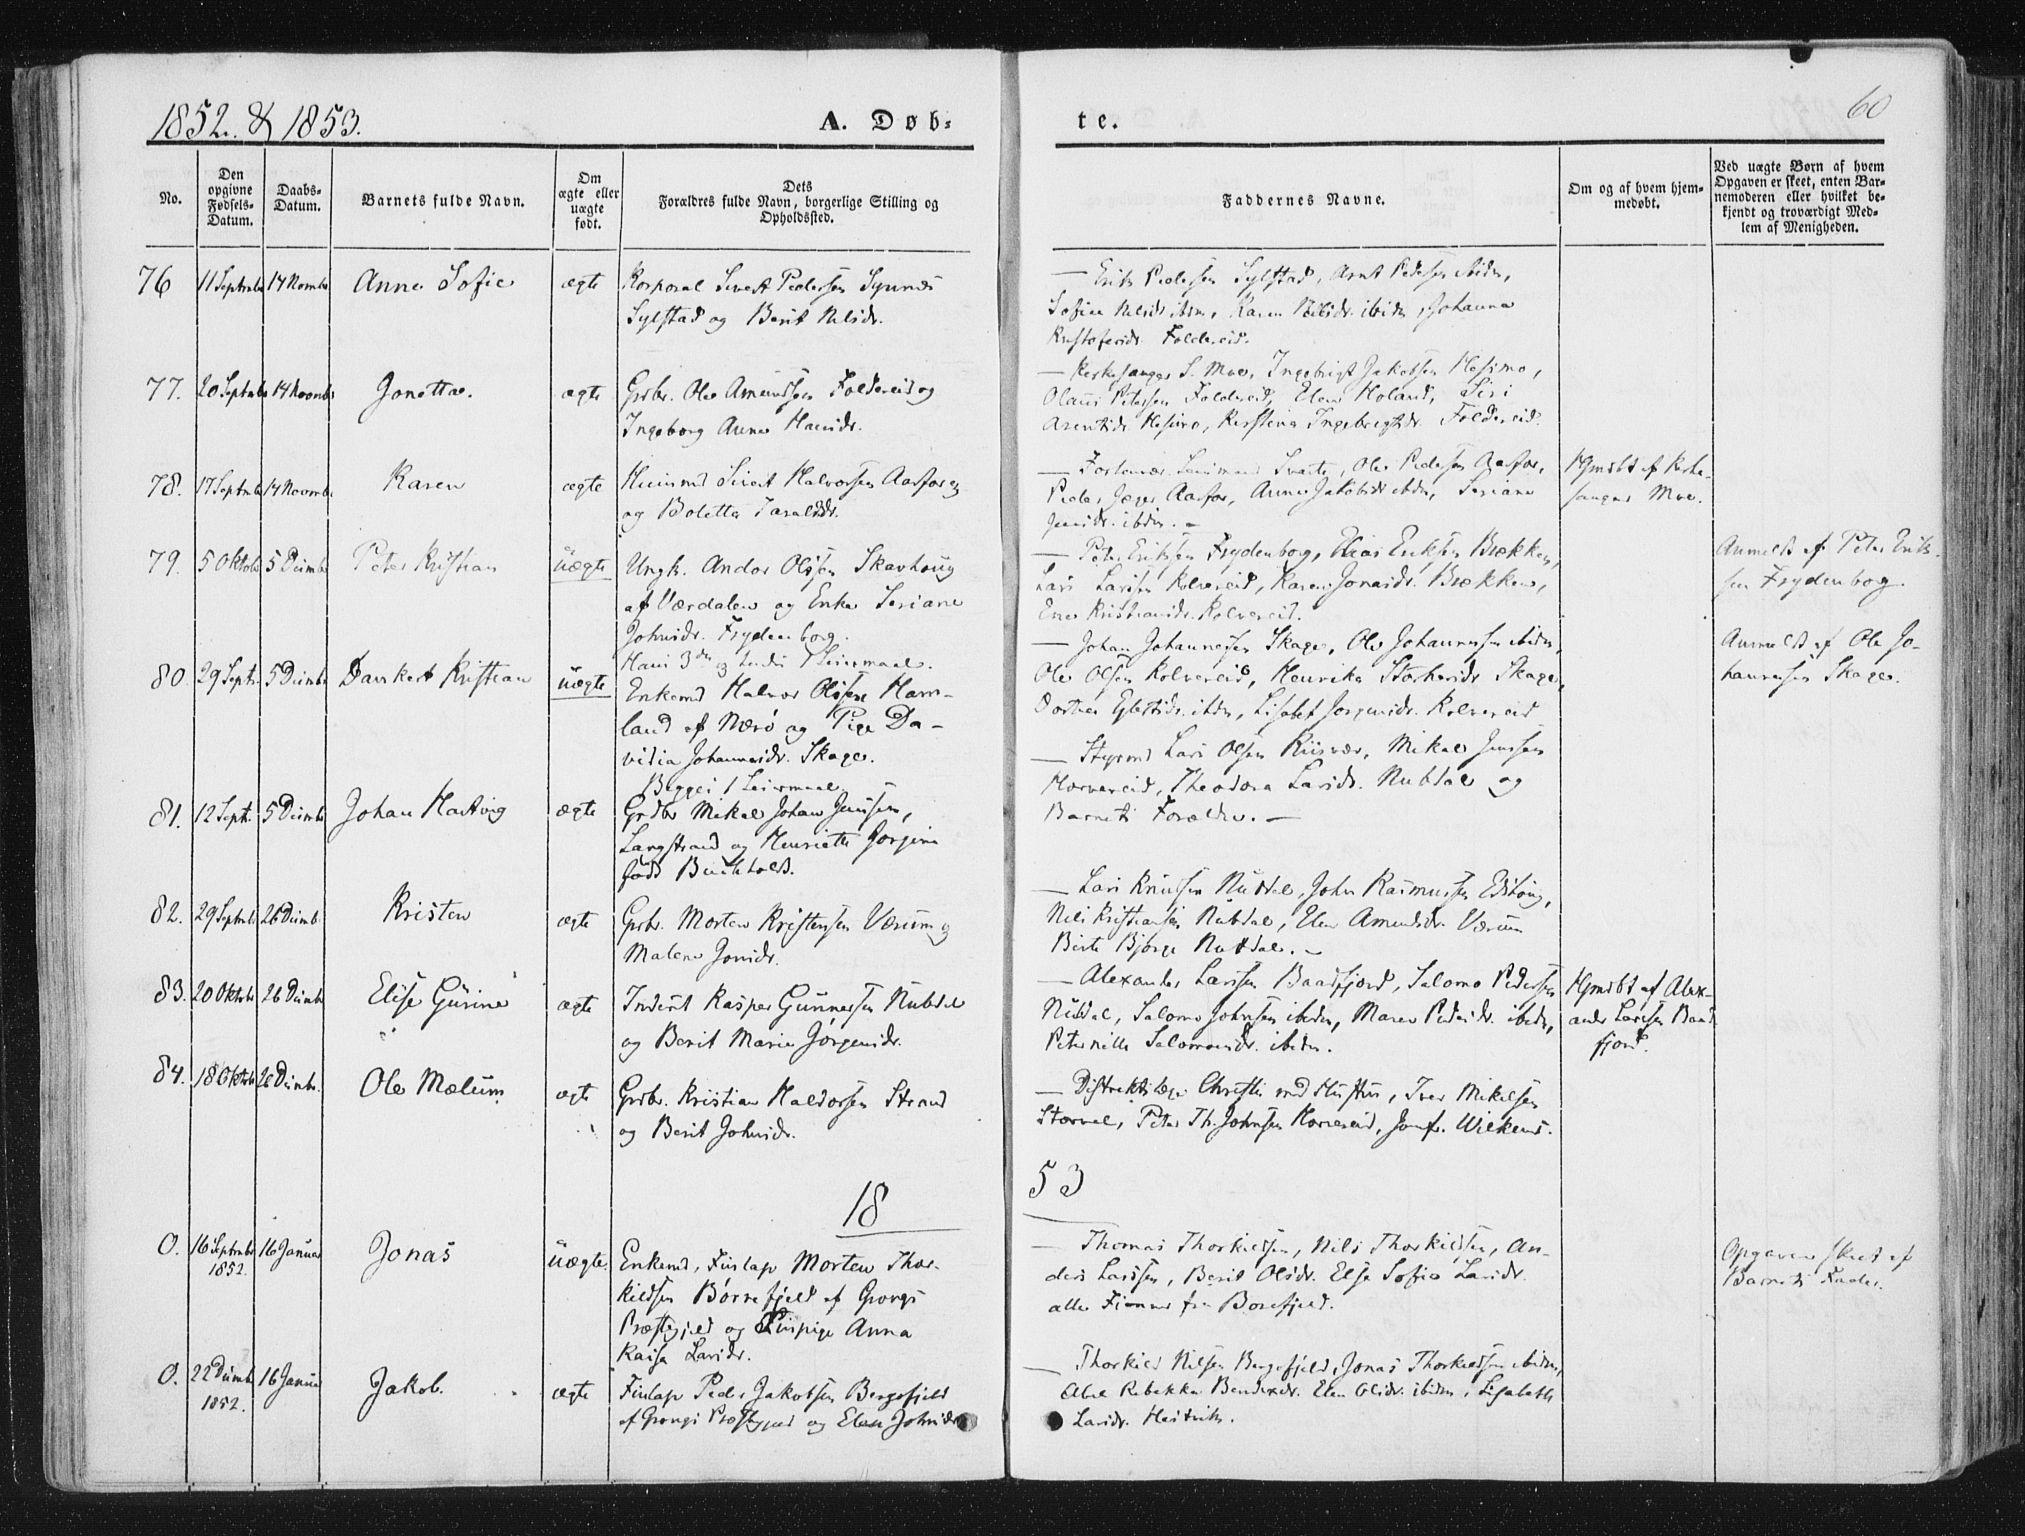 SAT, Ministerialprotokoller, klokkerbøker og fødselsregistre - Nord-Trøndelag, 780/L0640: Ministerialbok nr. 780A05, 1845-1856, s. 60